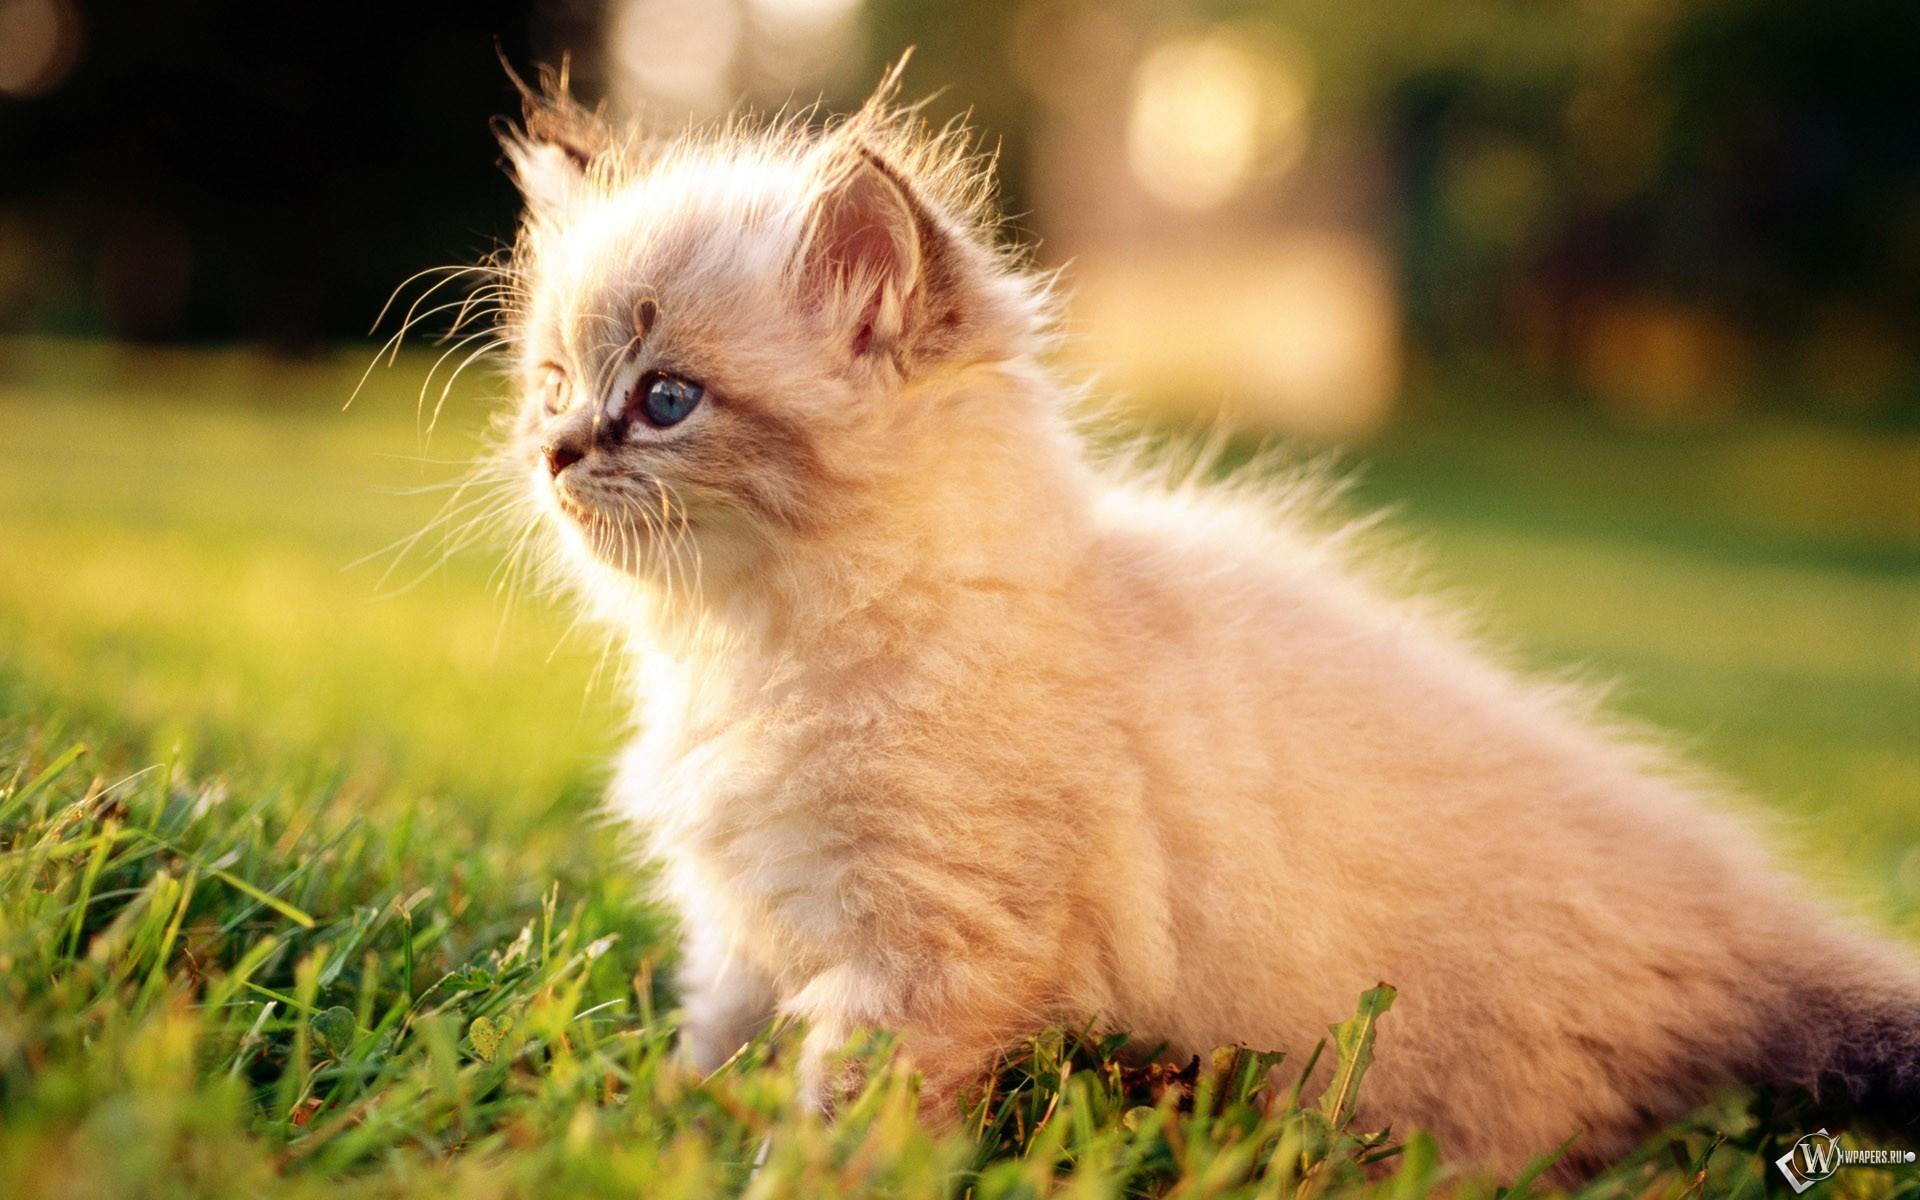 Пушистый котенок в траве 1920x1200